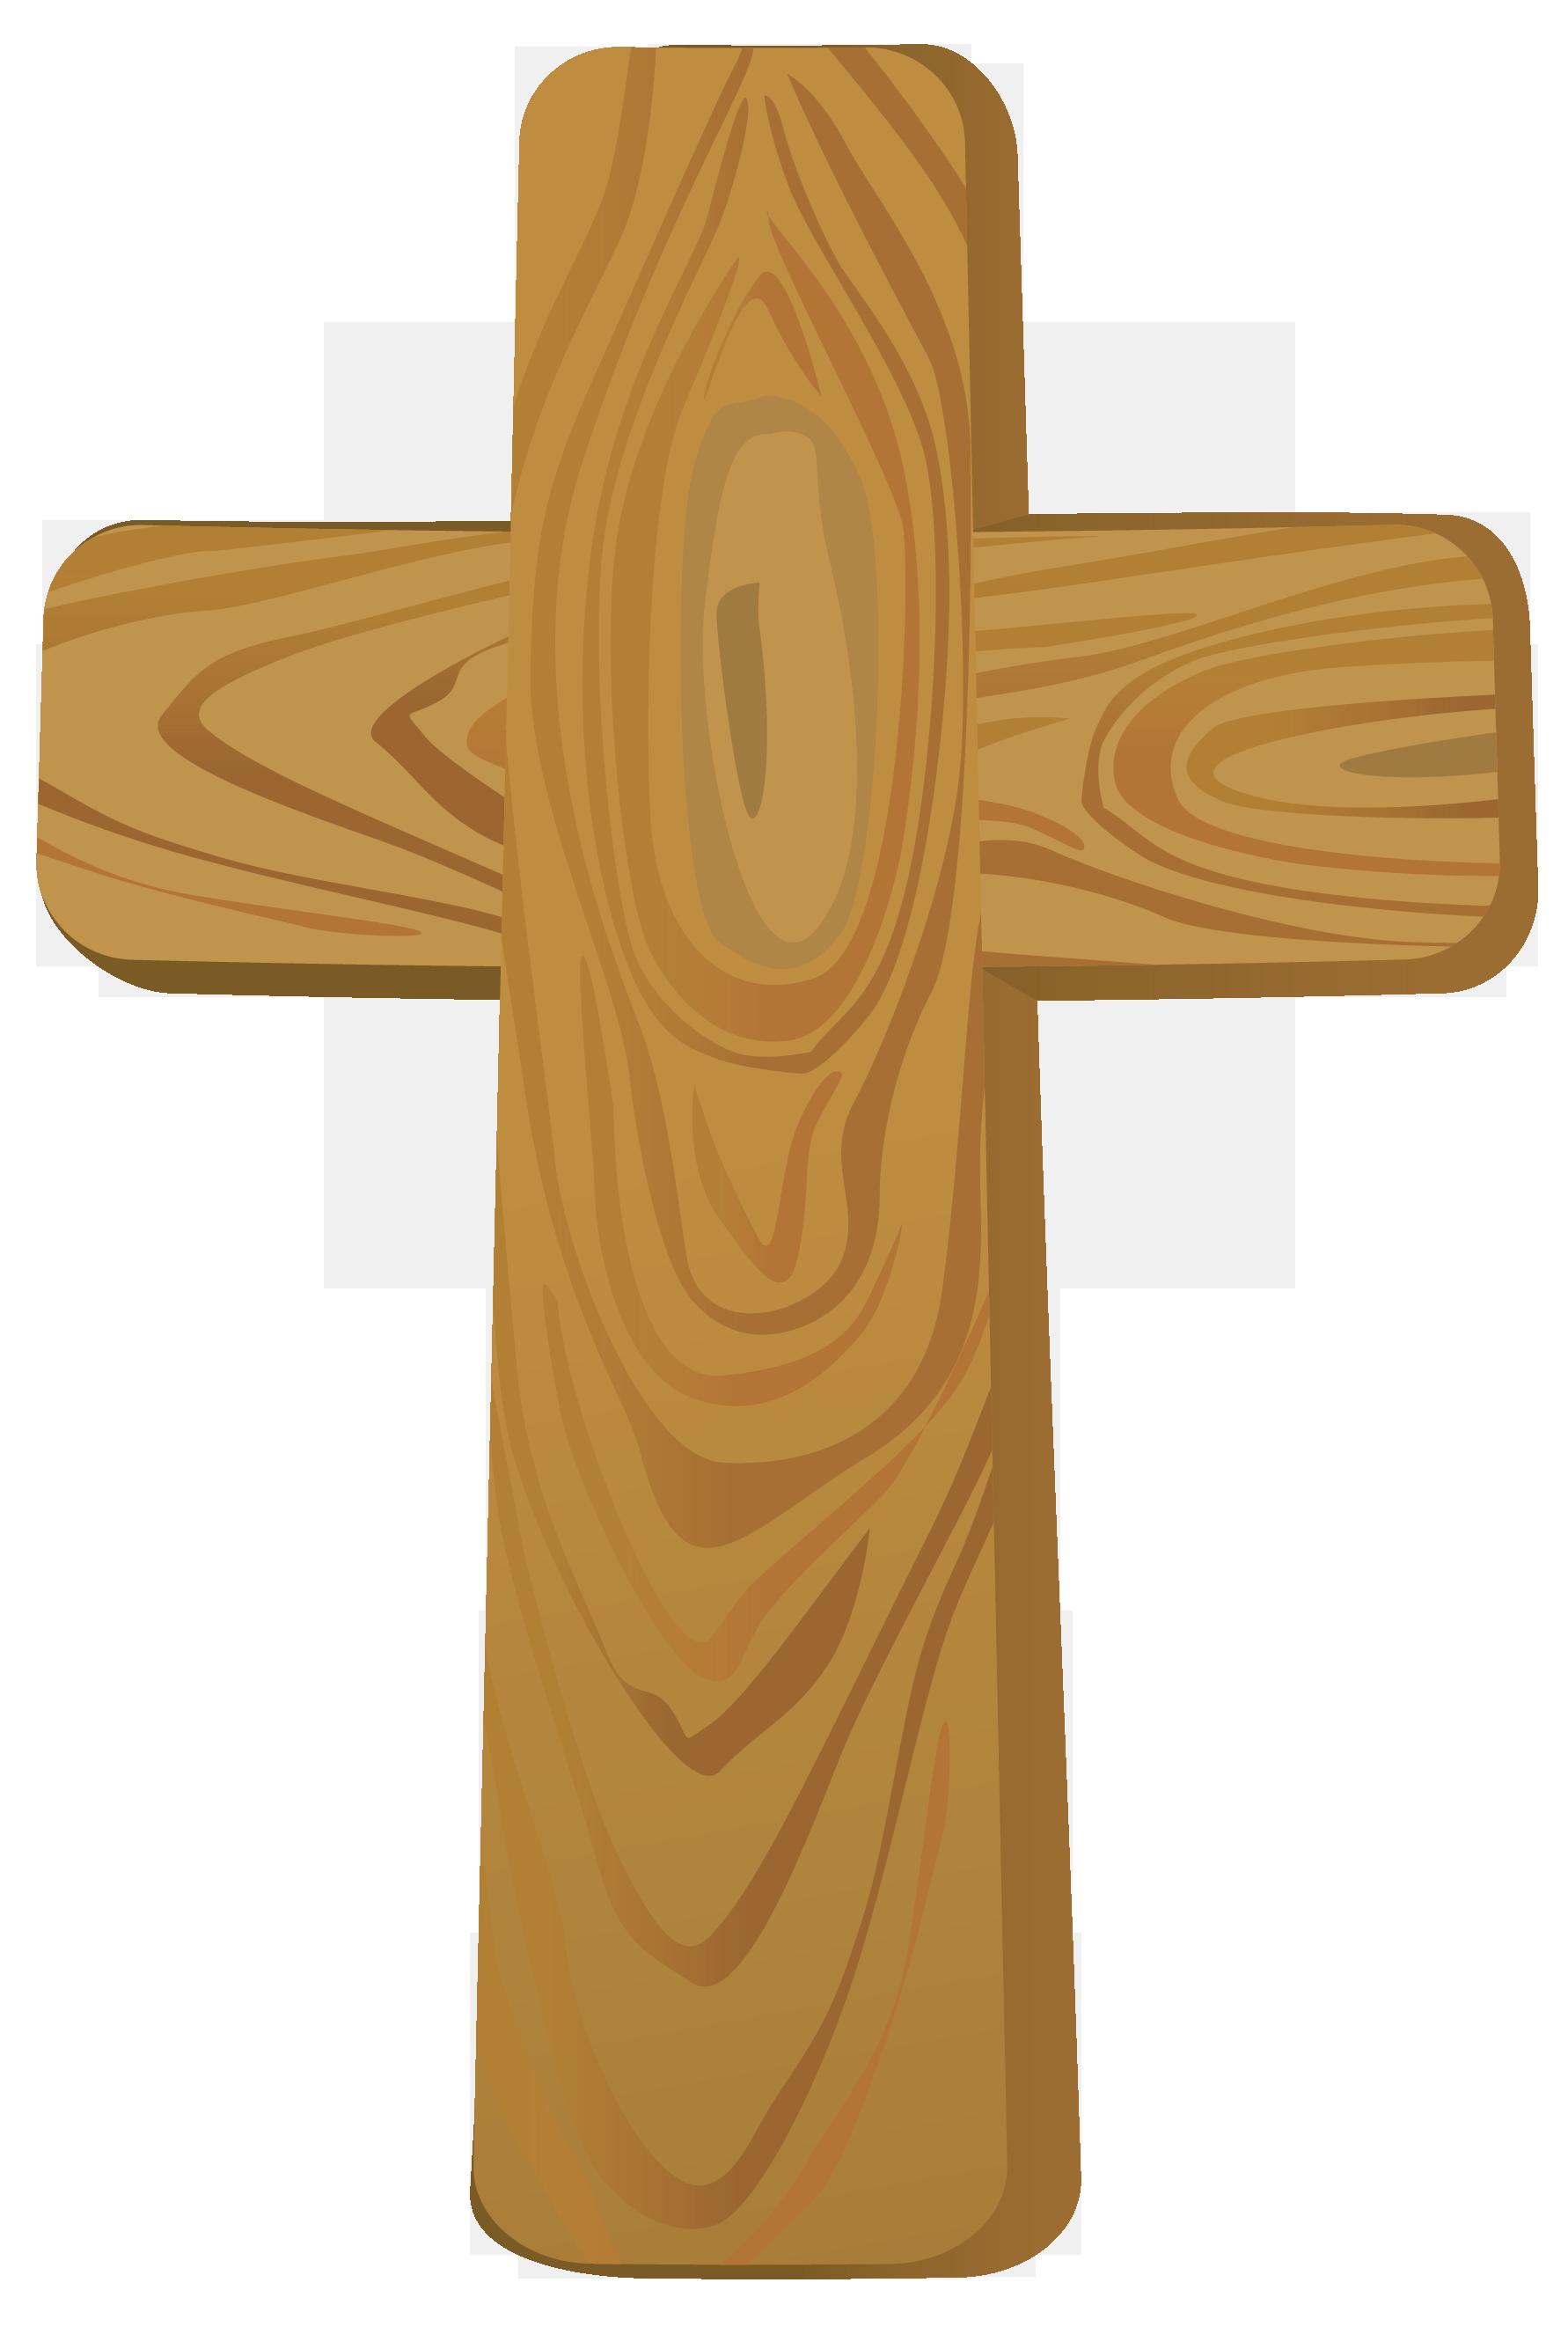 Clipart Wooden Cross.